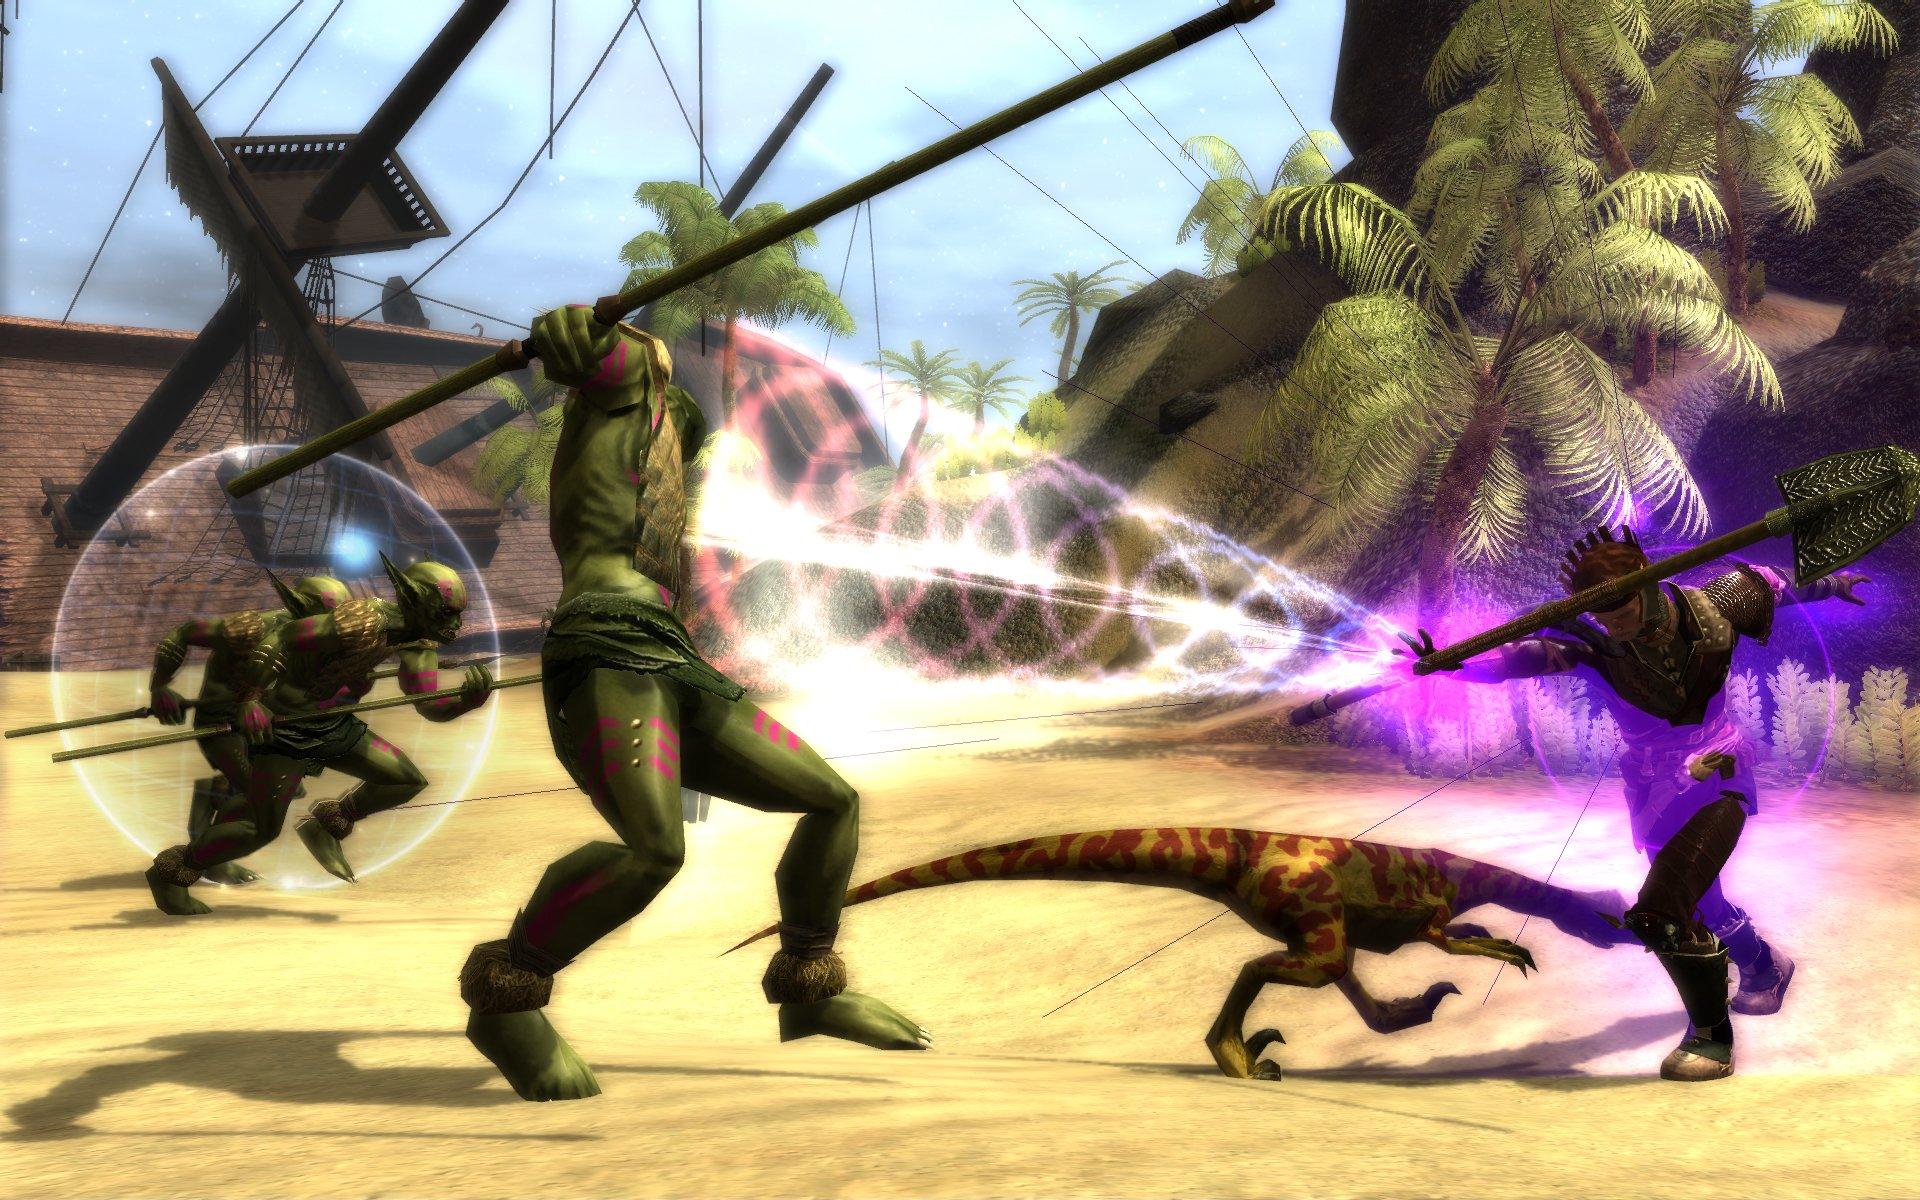 Скриншоты для игры Neverwinter Nights 2 Storm of Zehir.